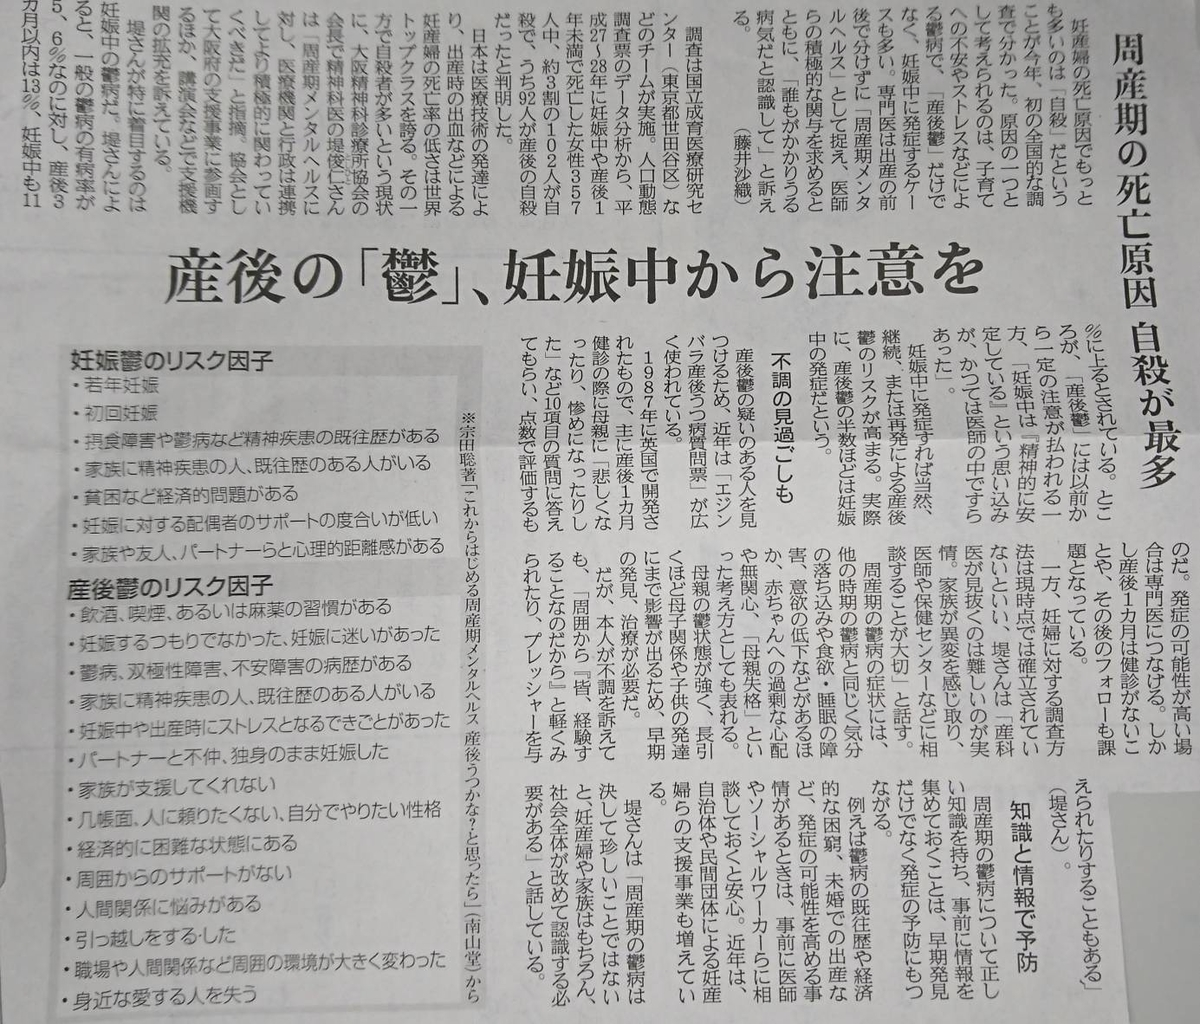 f:id:kazura-kobayashi:20200626175232j:plain